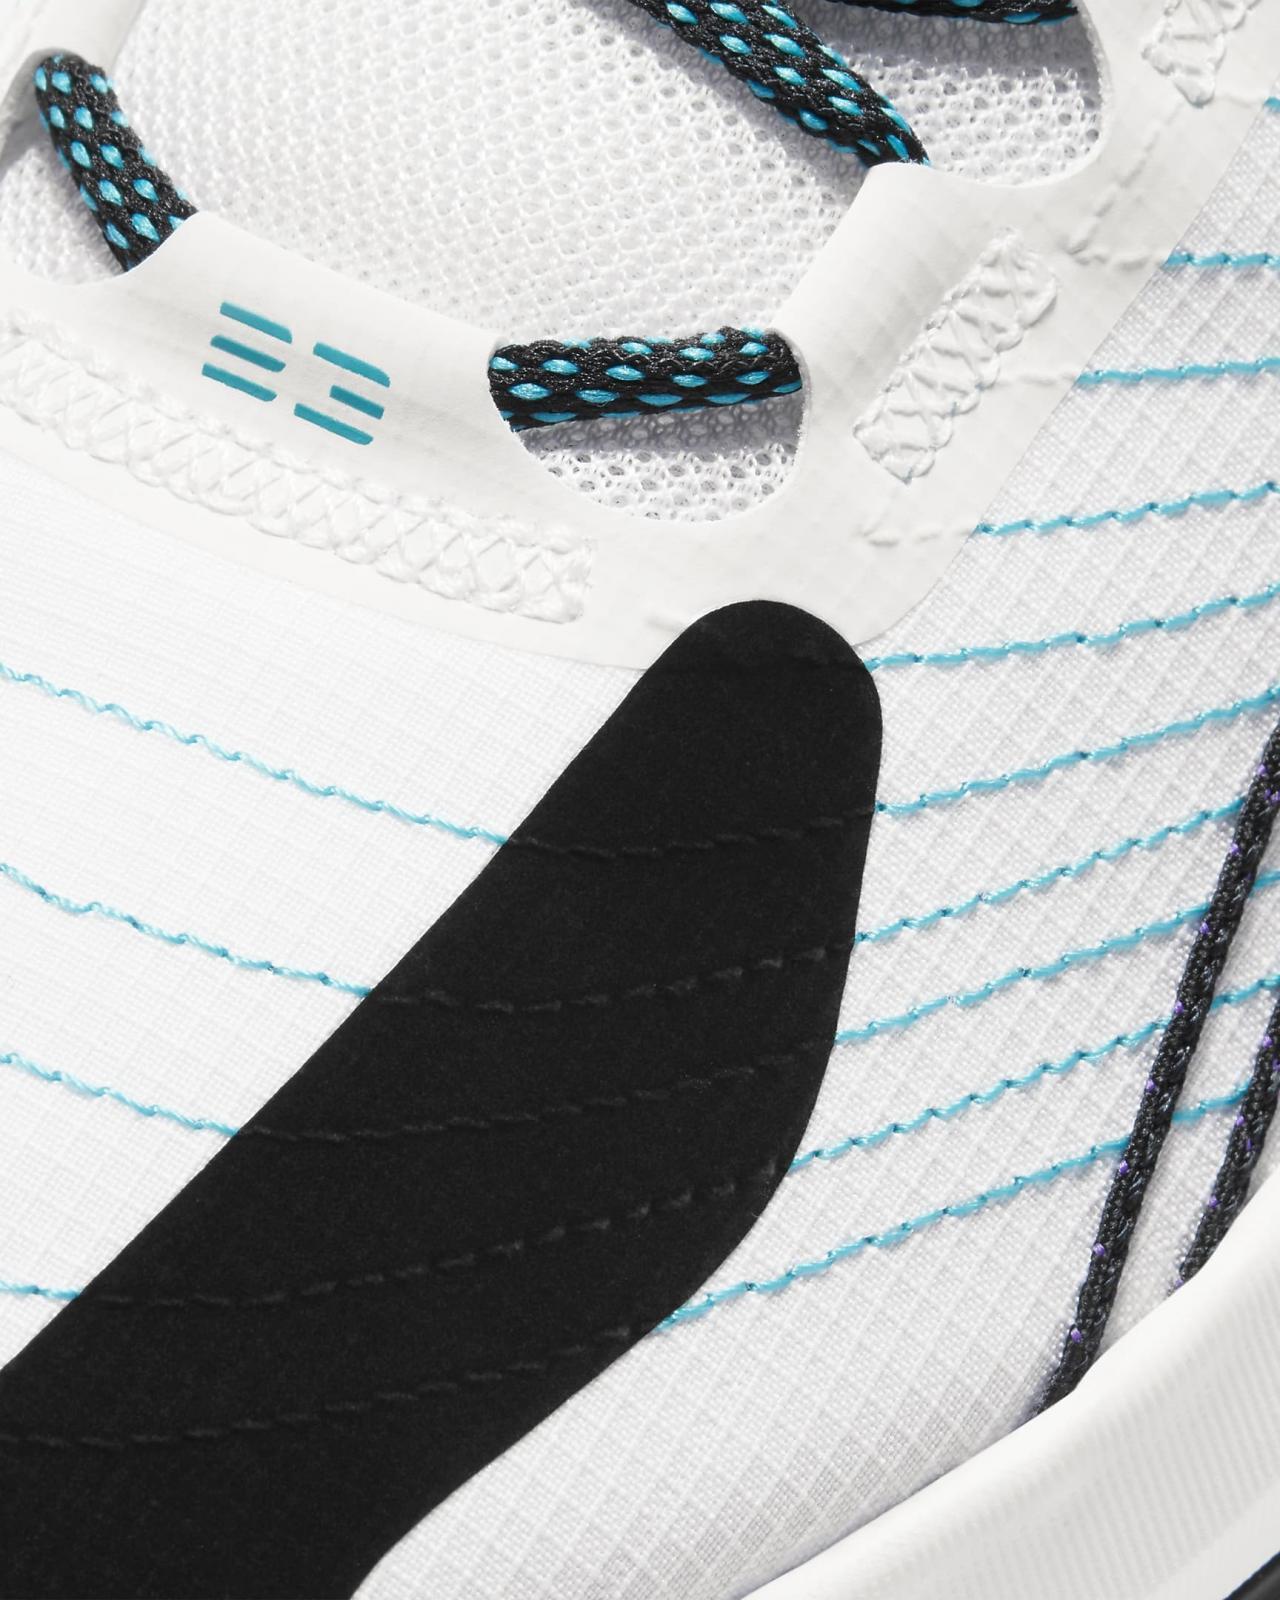 Jordan品牌推出全新白/超级葡萄紫/黑/轻水蓝色Jordan Jumpman 2021 PF